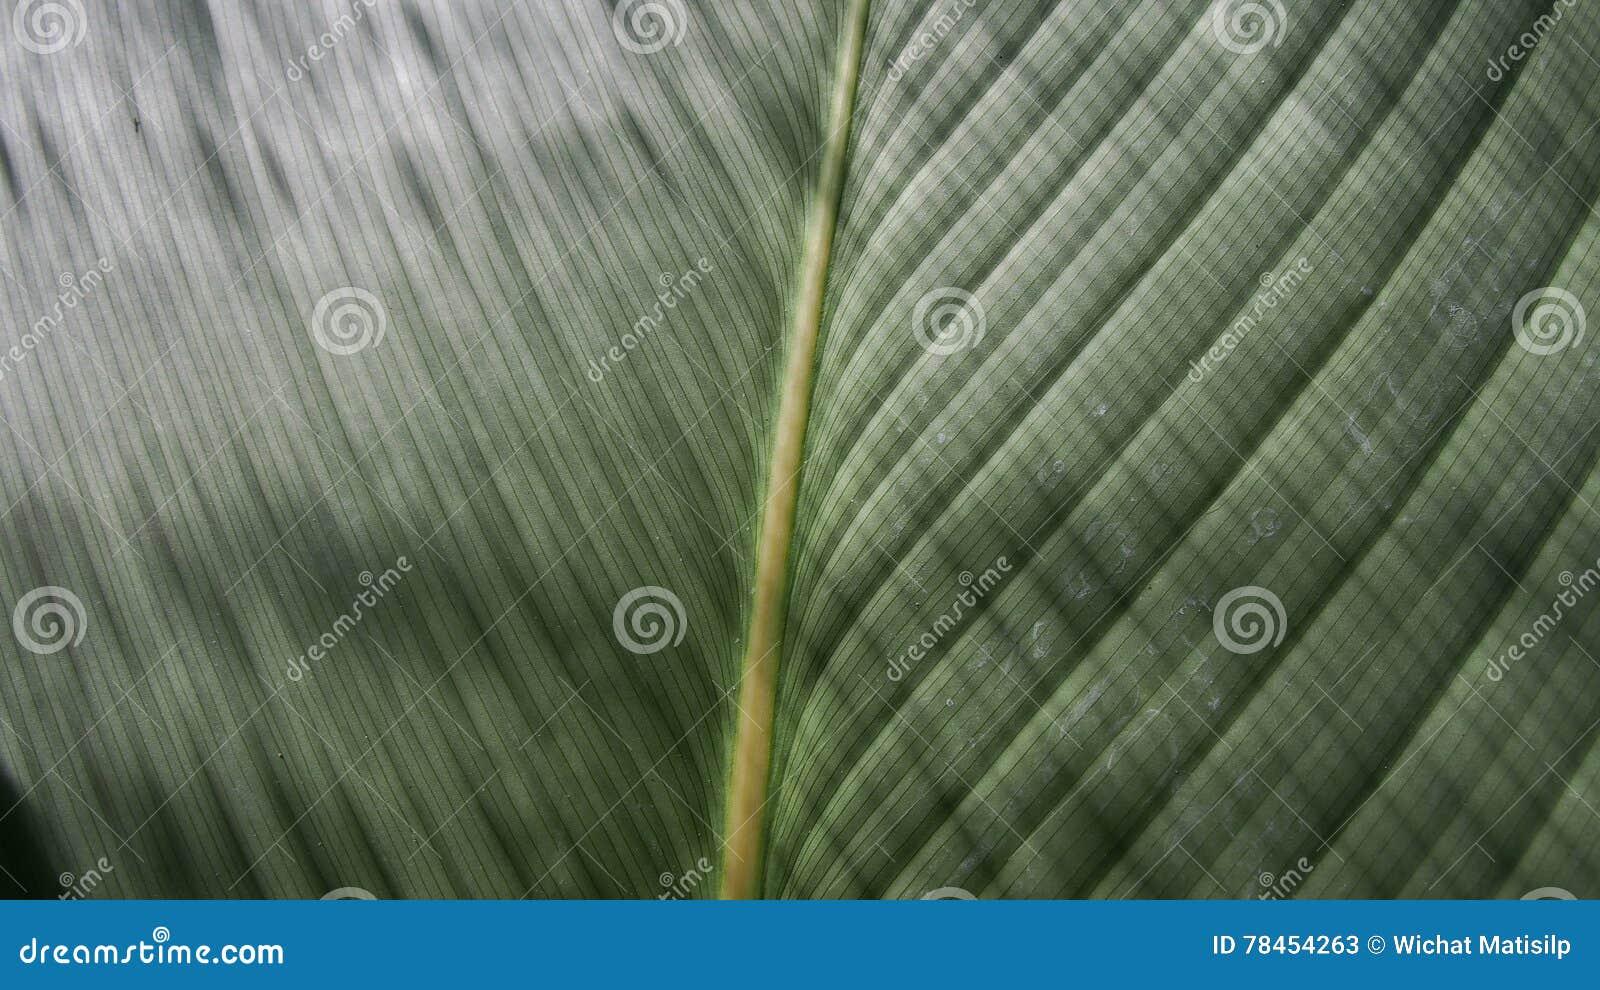 爱树木的人叶子是发光的条纹